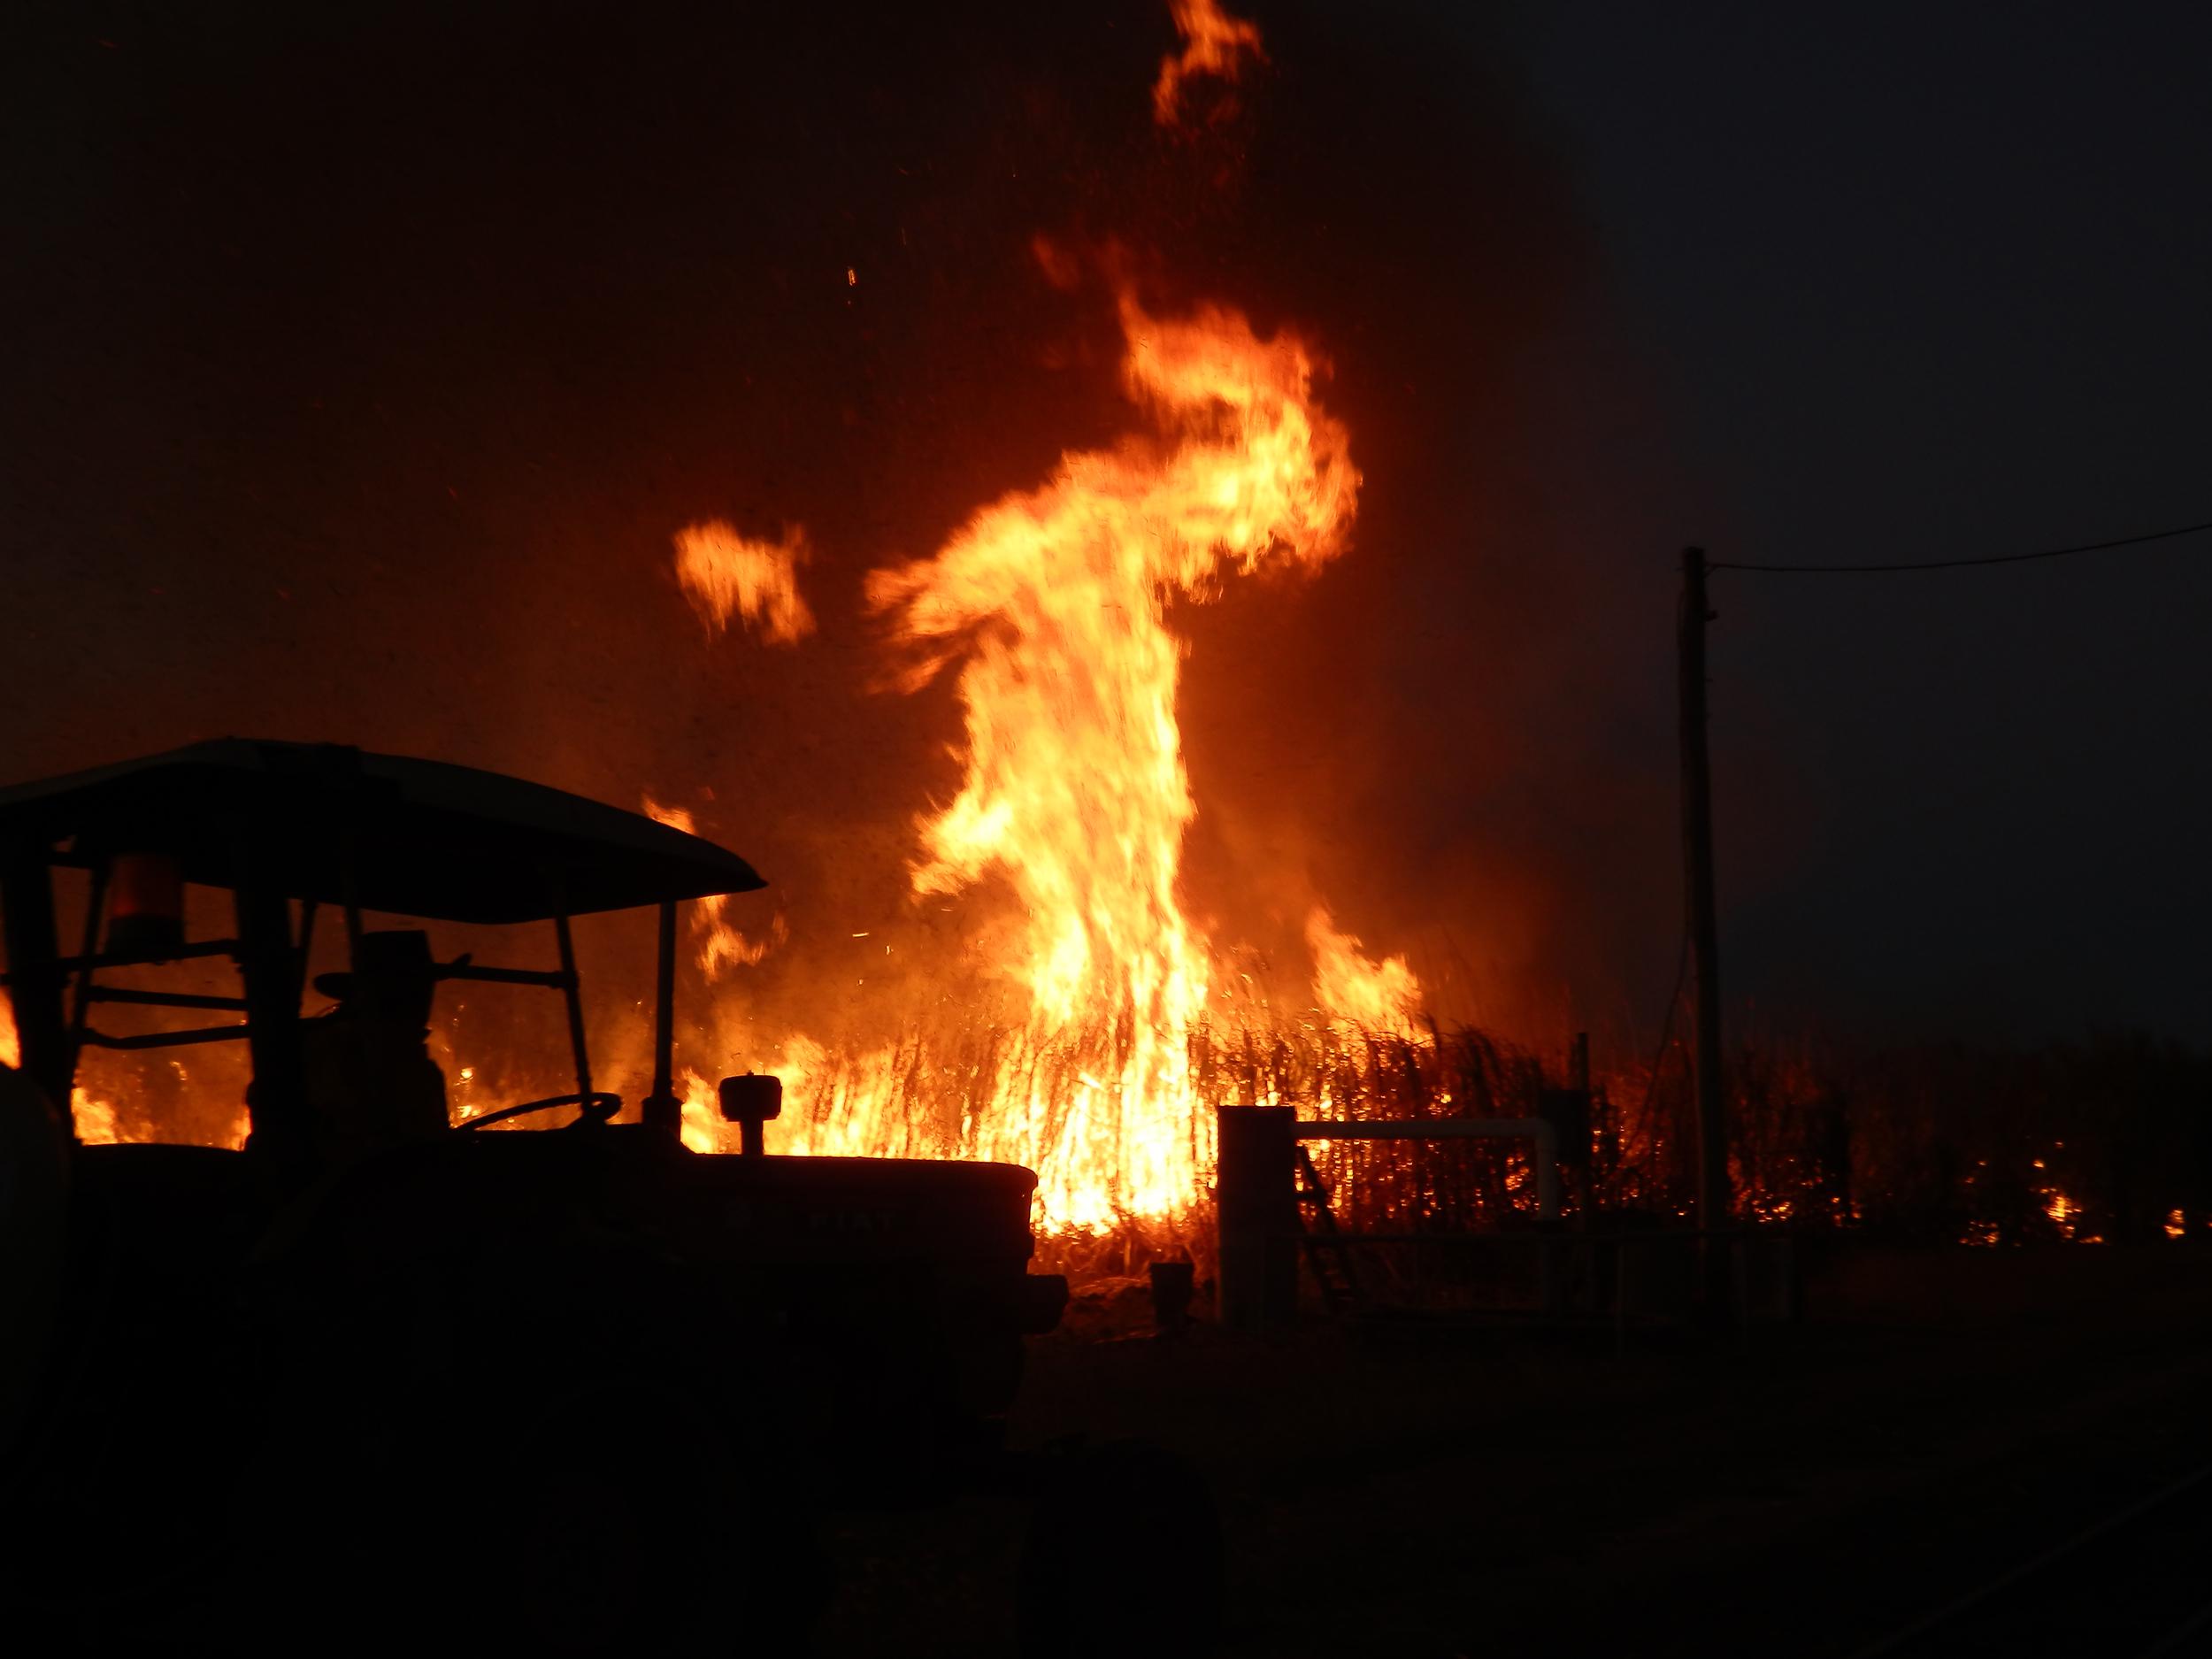 cane fire 2.jpg